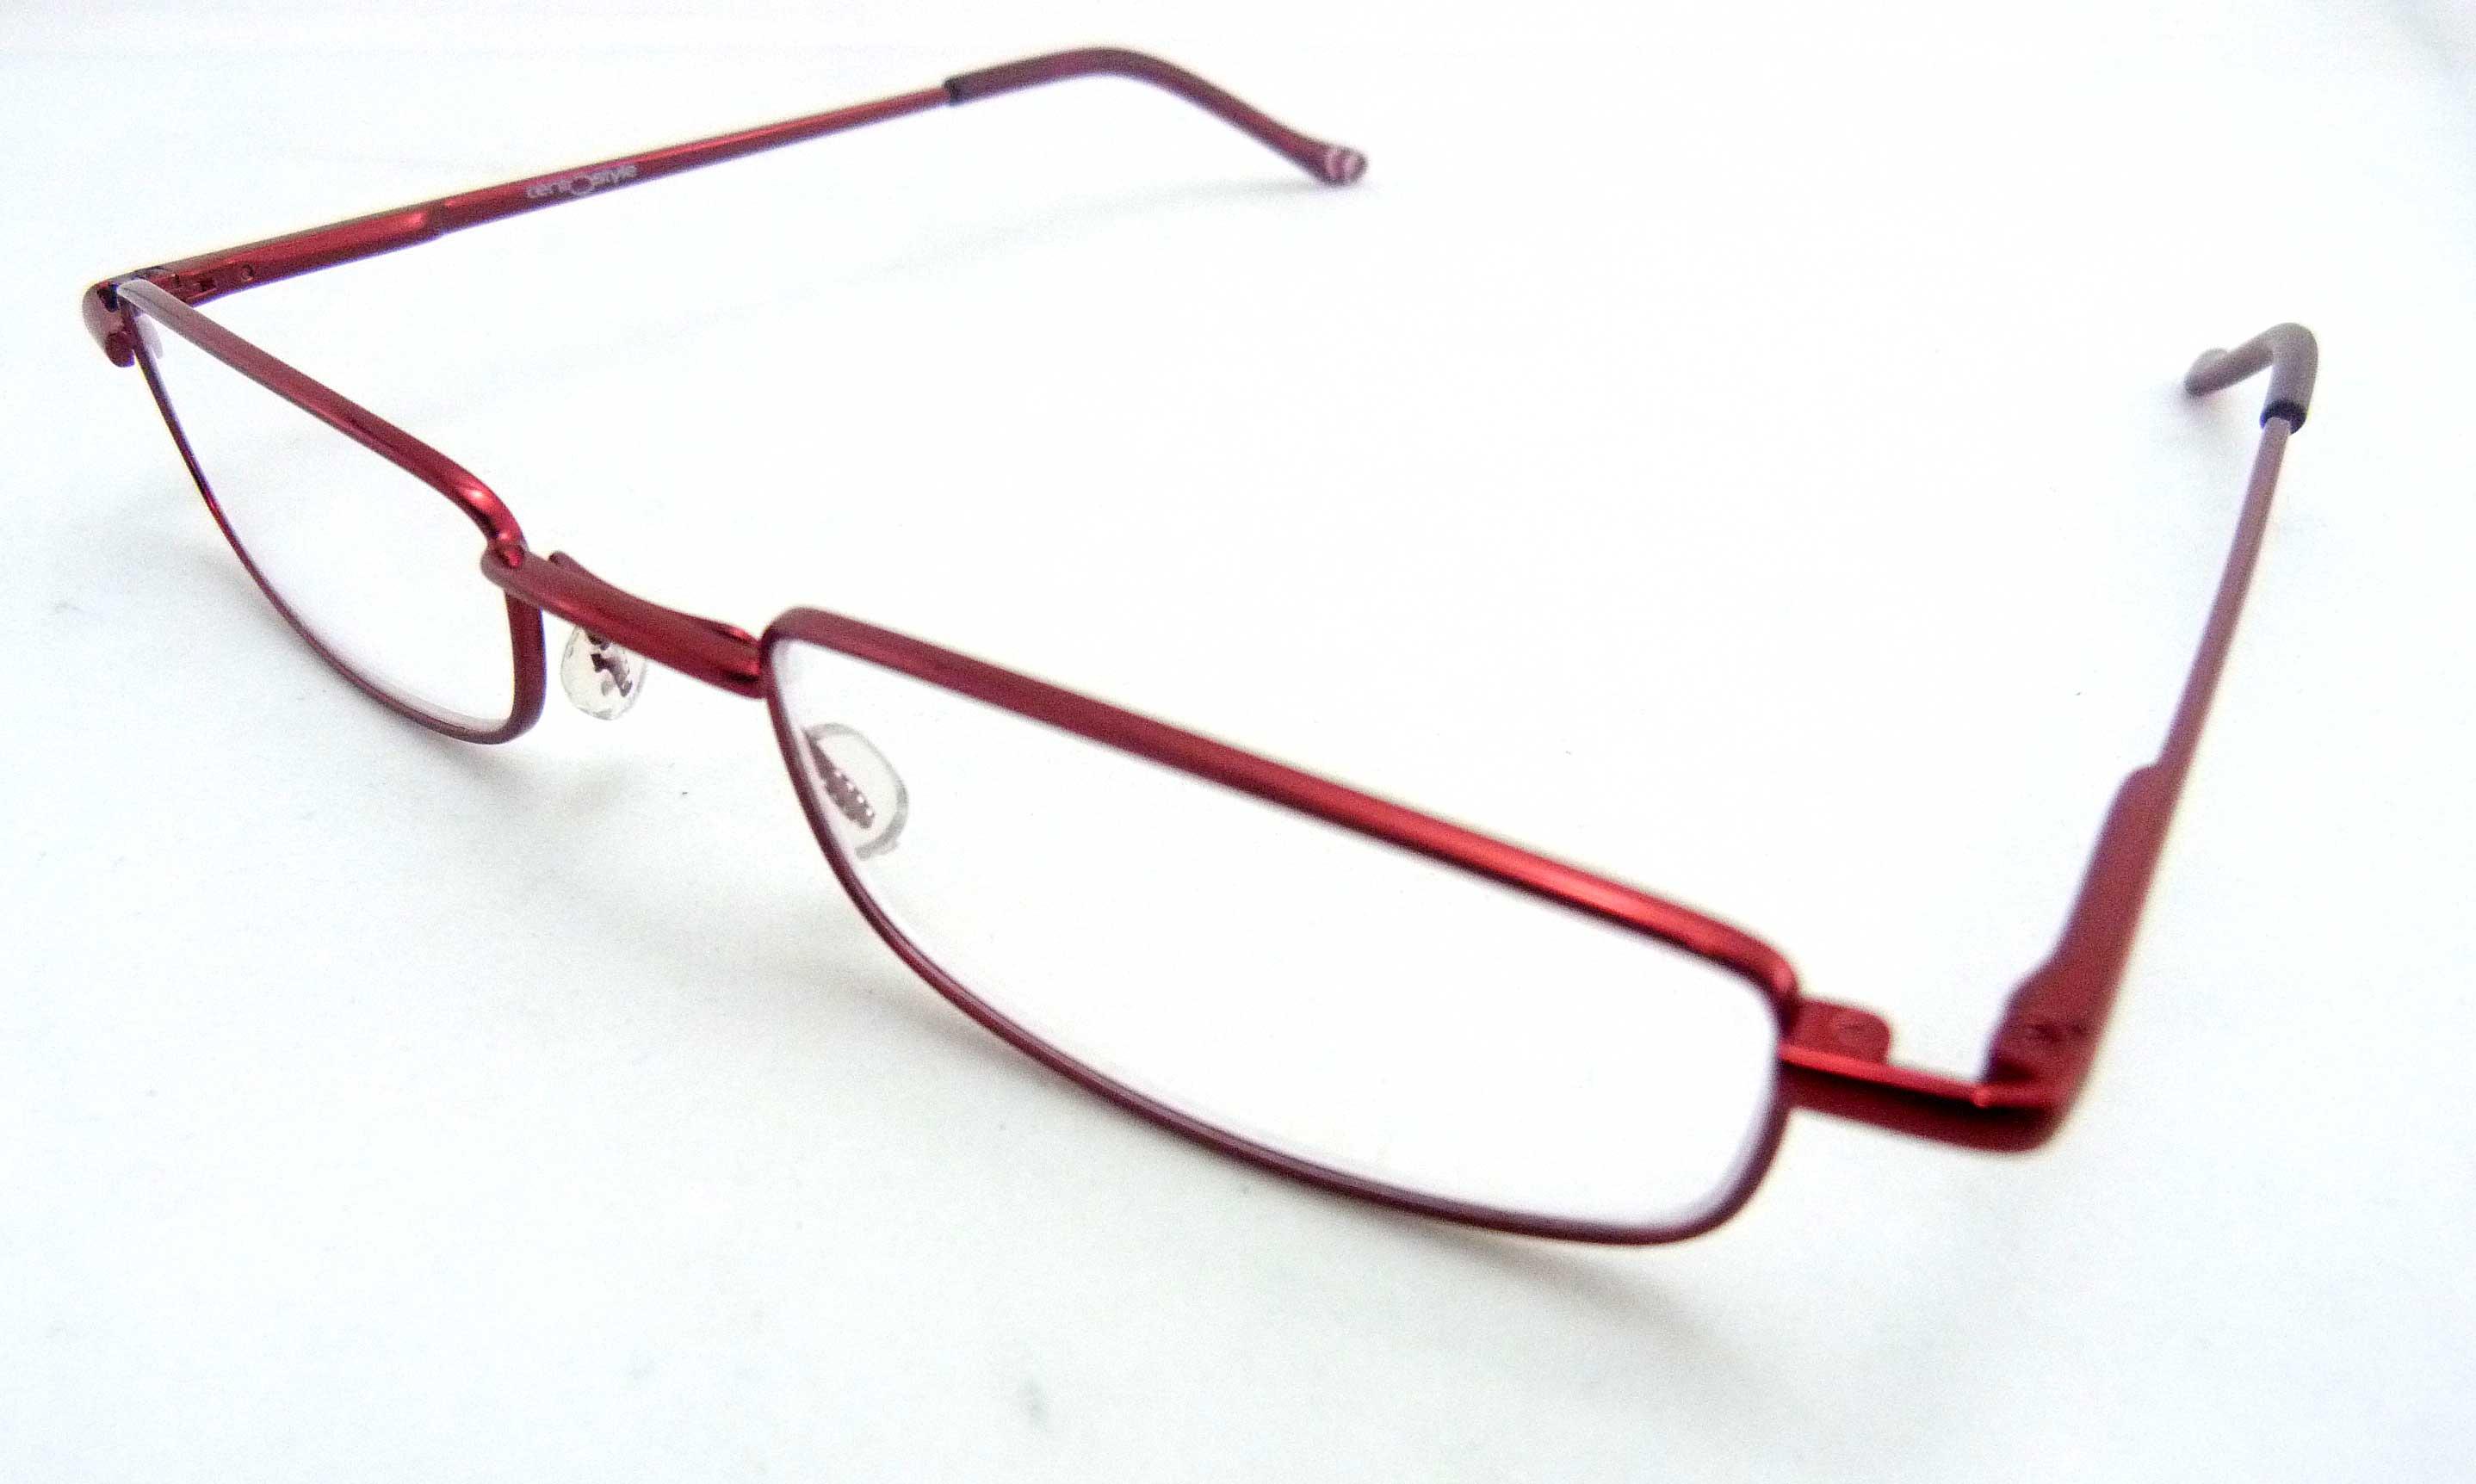 0263520 - Óculos Leitura Flex AT +1,00 Vermelho Mod 63520 FLAG 9  -Contém 1 Peça